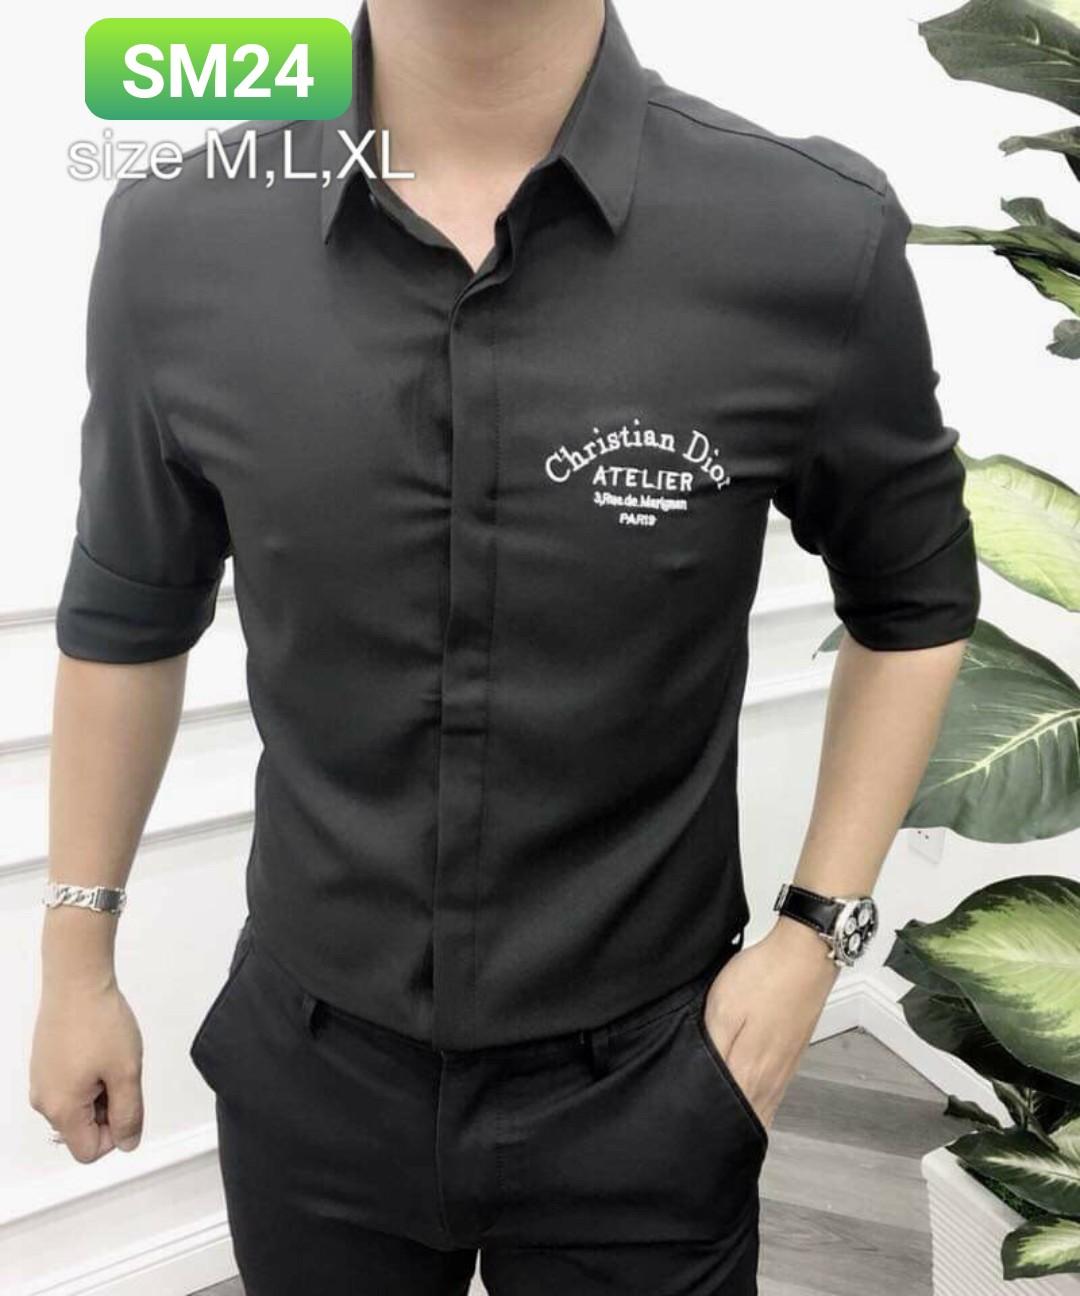 Order áo sơ mi sm24 - 3 size m l xl